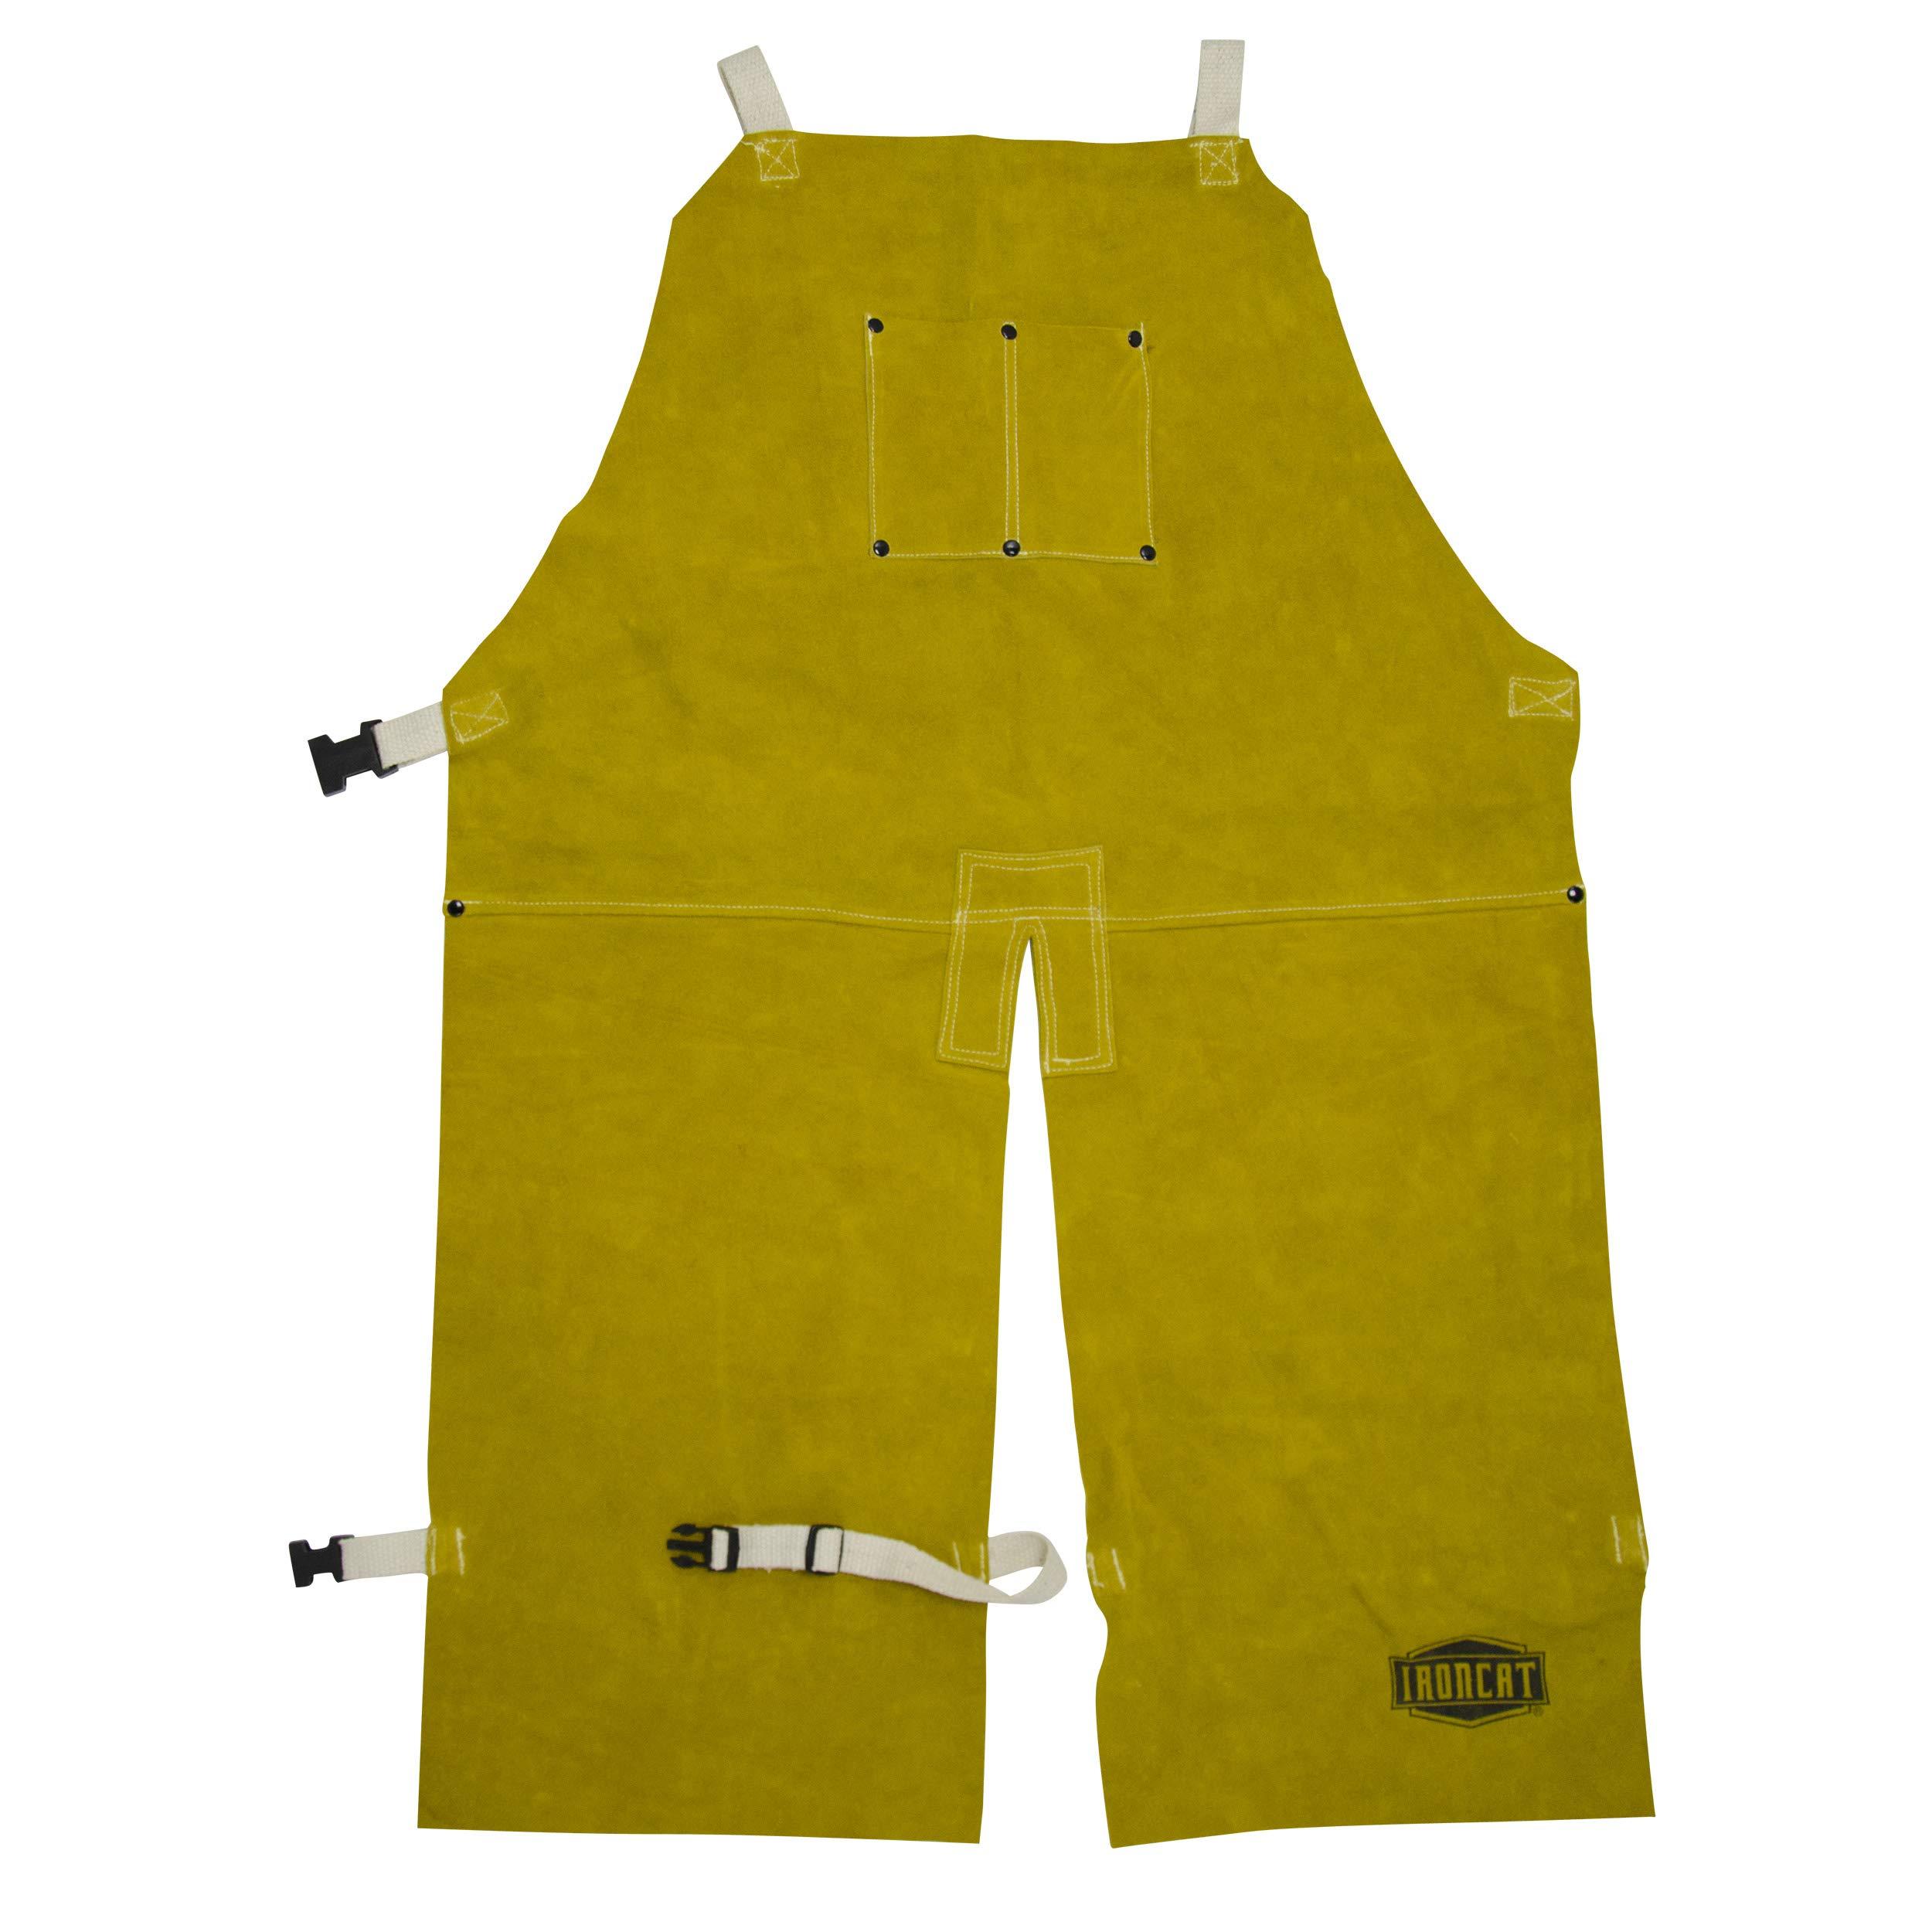 West Chester IRONCAT 7011 Heat Resistant Split Cowhide Leather Welding Split Leg Bib Apron, 24'' W x 48'' L